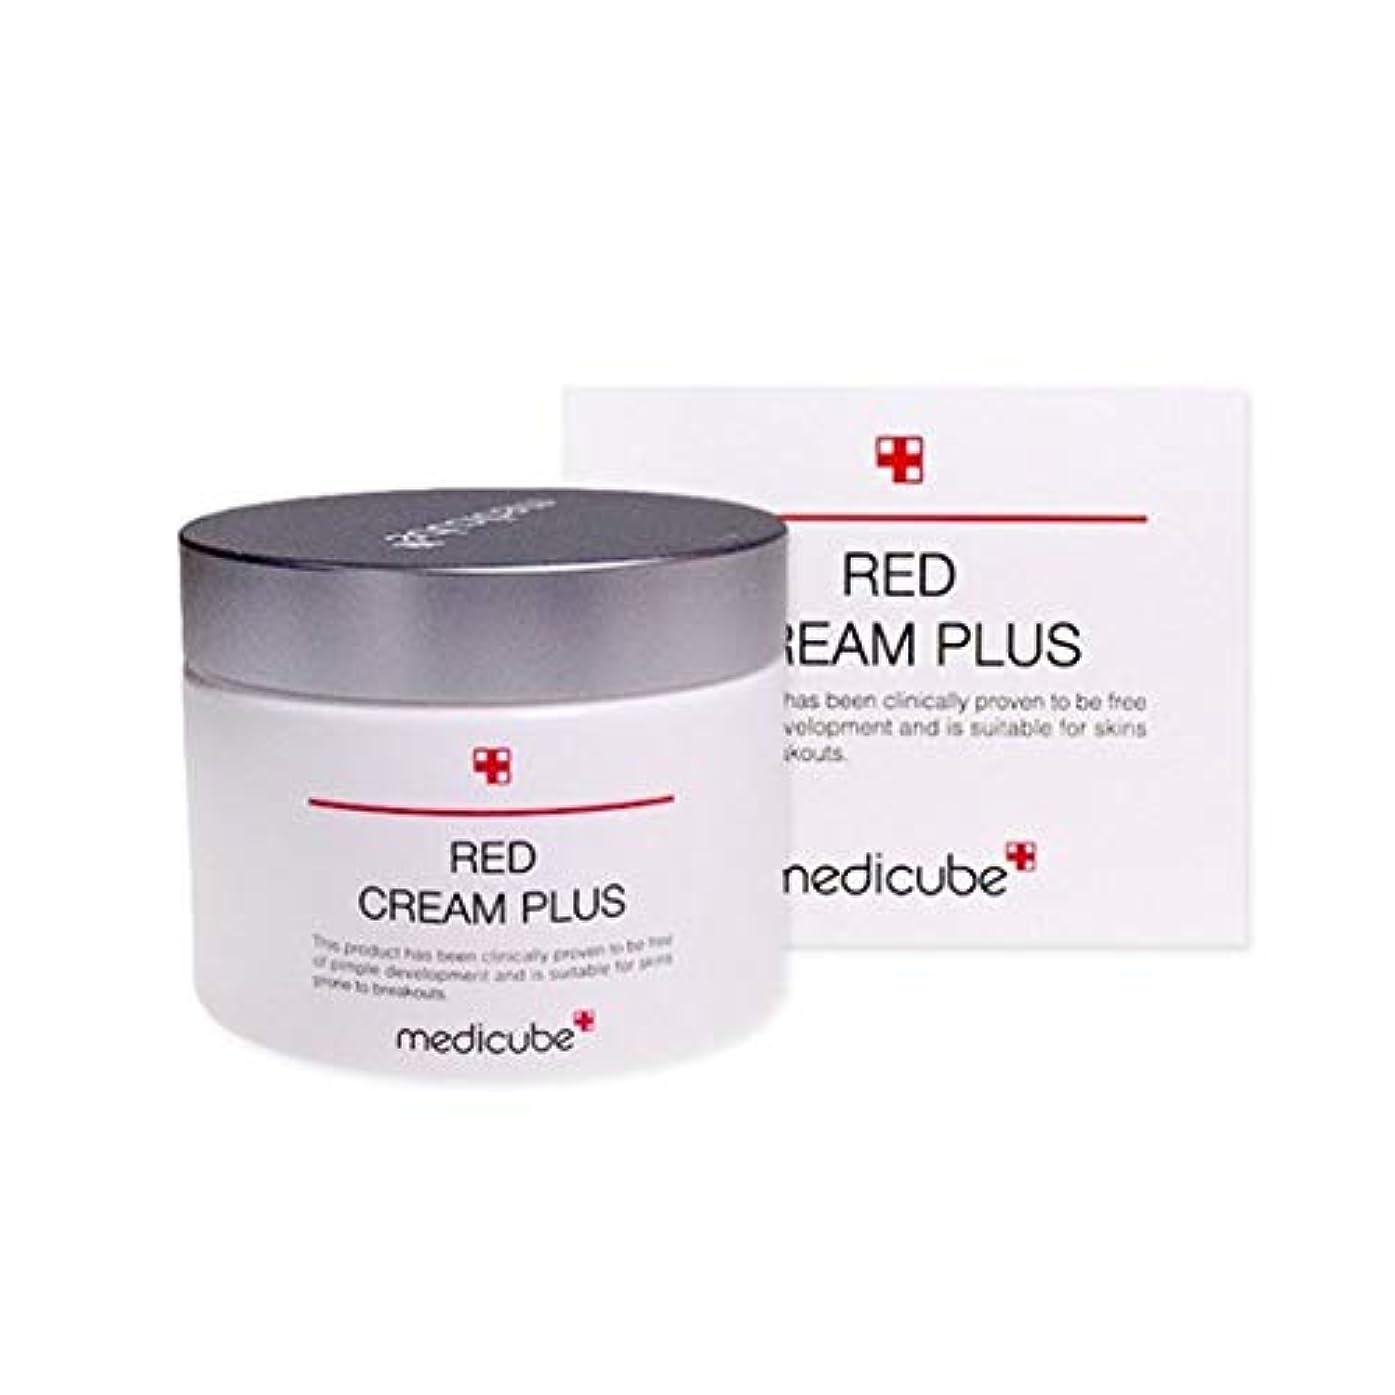 鼓舞する従う恐怖メディキューブレッドクリームプラス100ml韓国コスメ、Medicube Red Cream Plus 100ml Korean Cosmetics [並行輸入品]